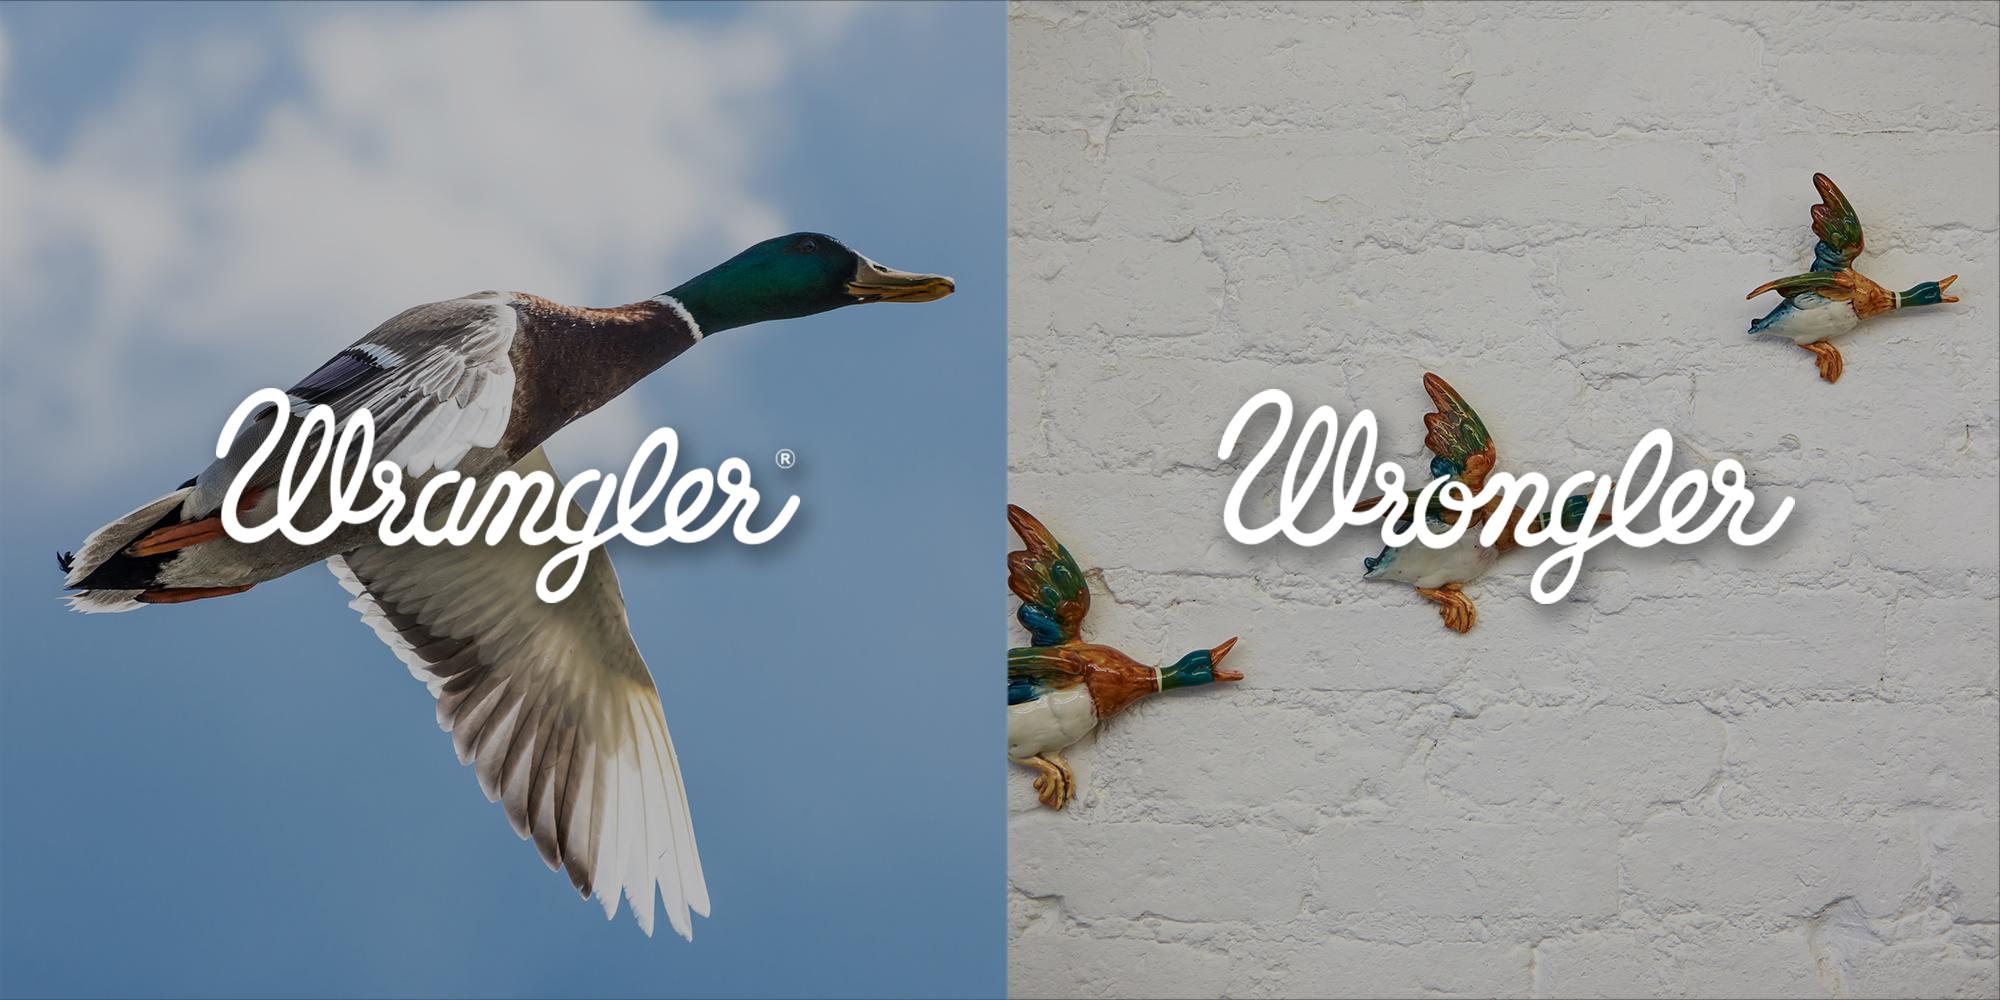 WRANGLER_WRONGLER__0011_3.jpg